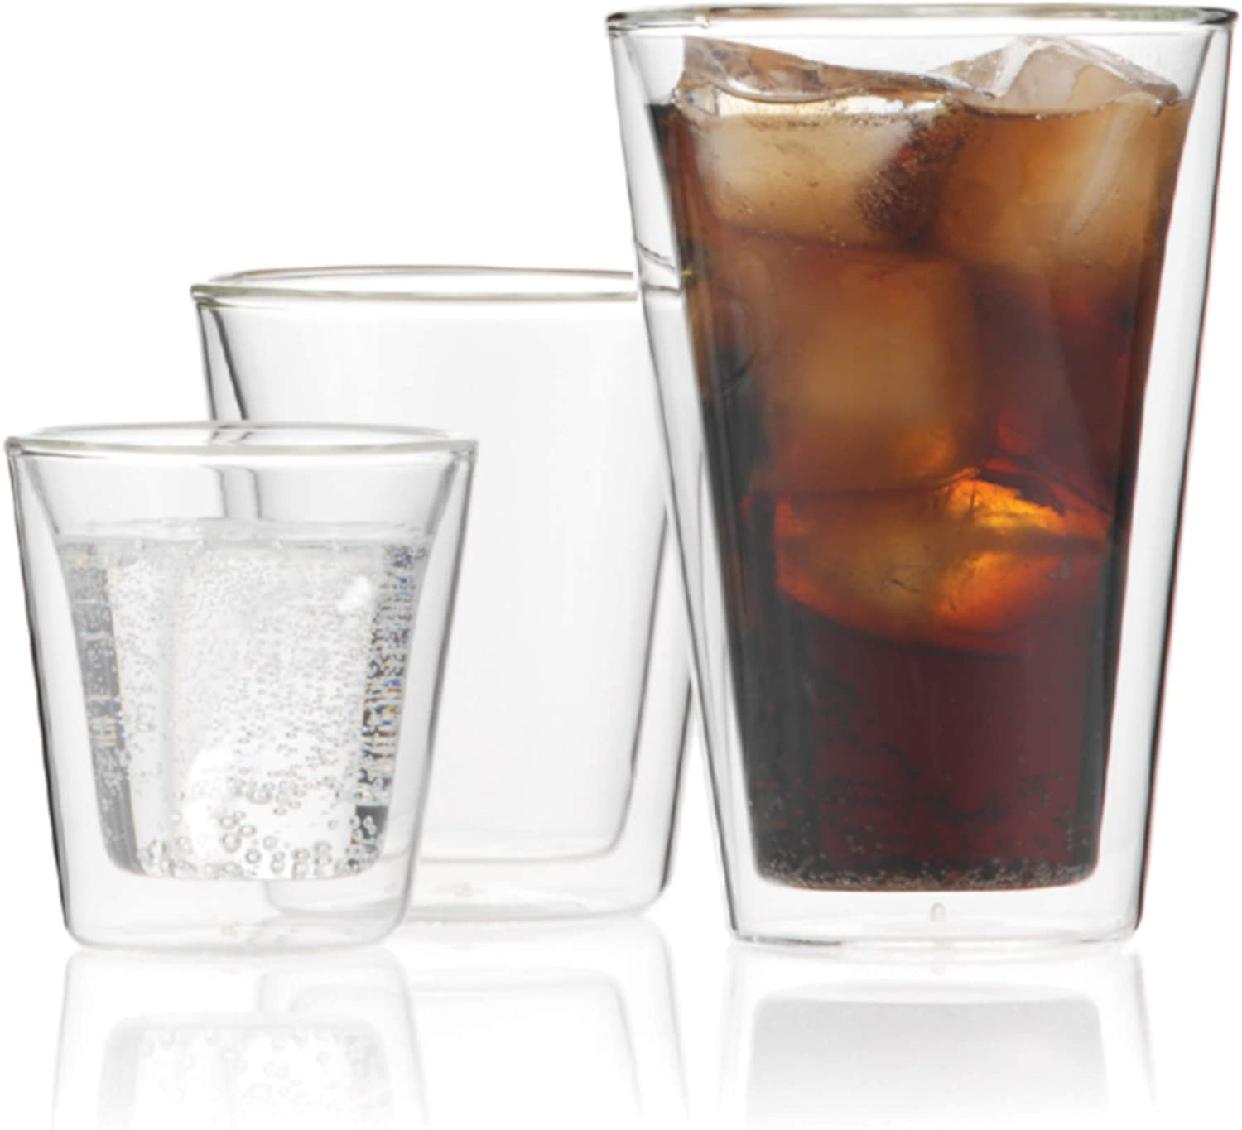 CANTEEN(キャンティーン) キャンティーン ダブルウォール グラスの商品画像4